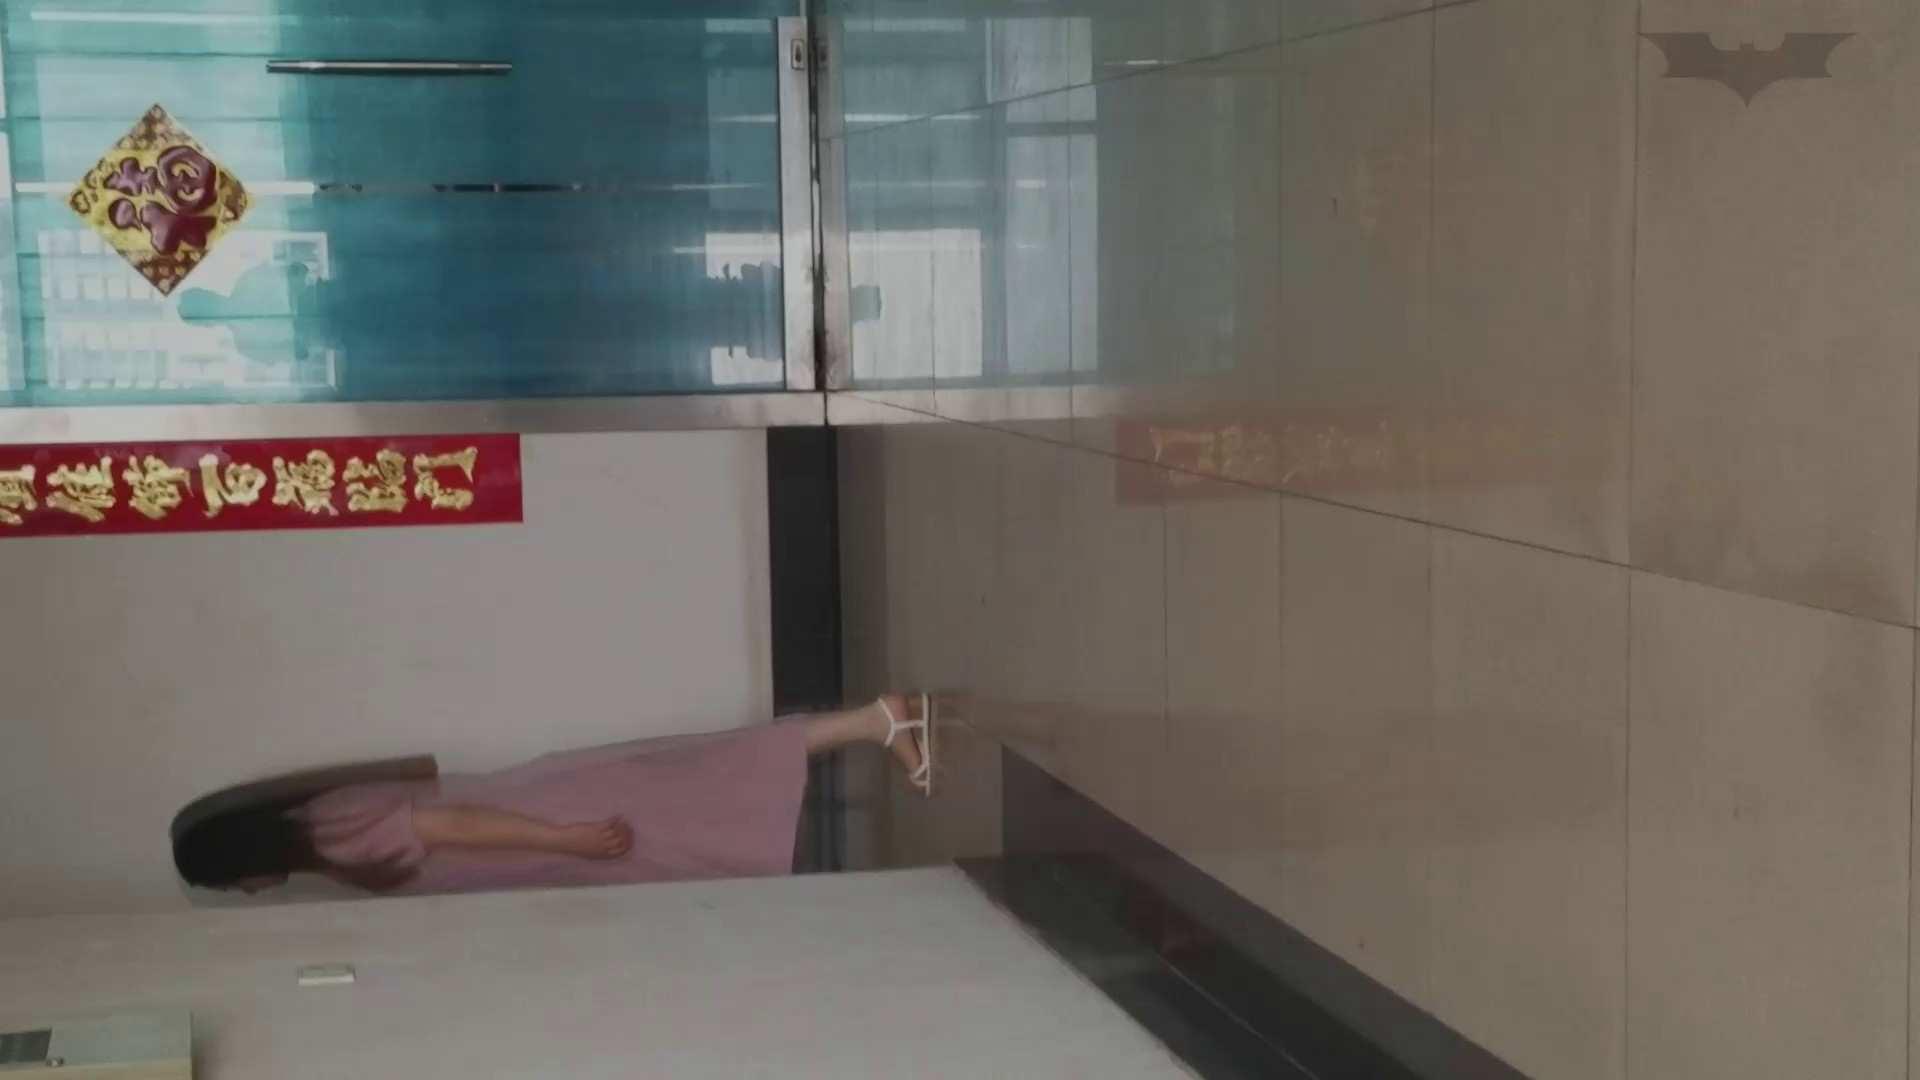 JD盗撮 美女の洗面所の秘密 Vol.70 高画質 AV動画キャプチャ 89画像 84